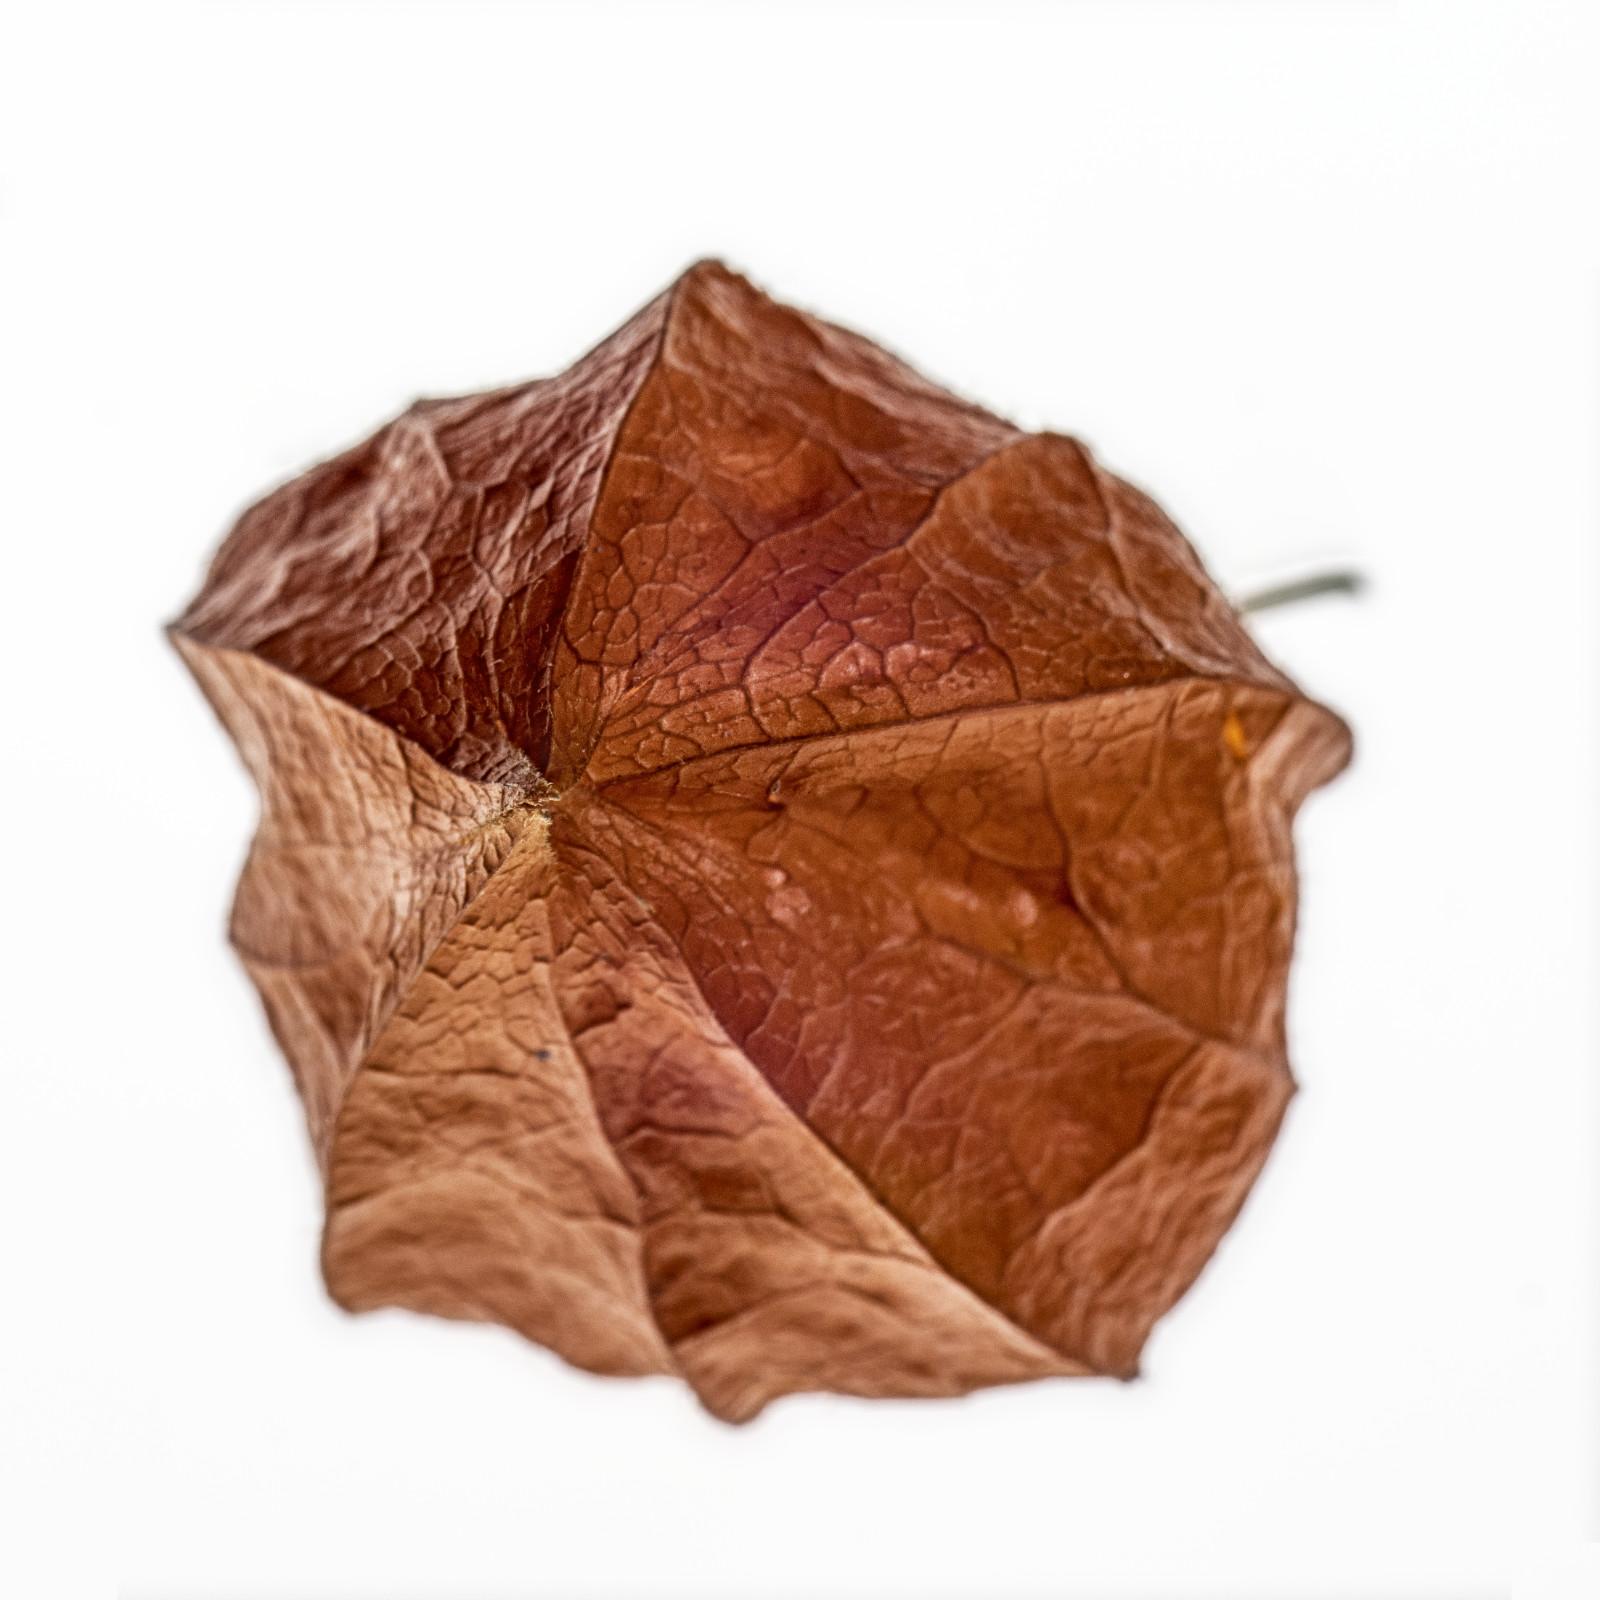 Lampionblume (Physalis) auf dem Leuchttisch